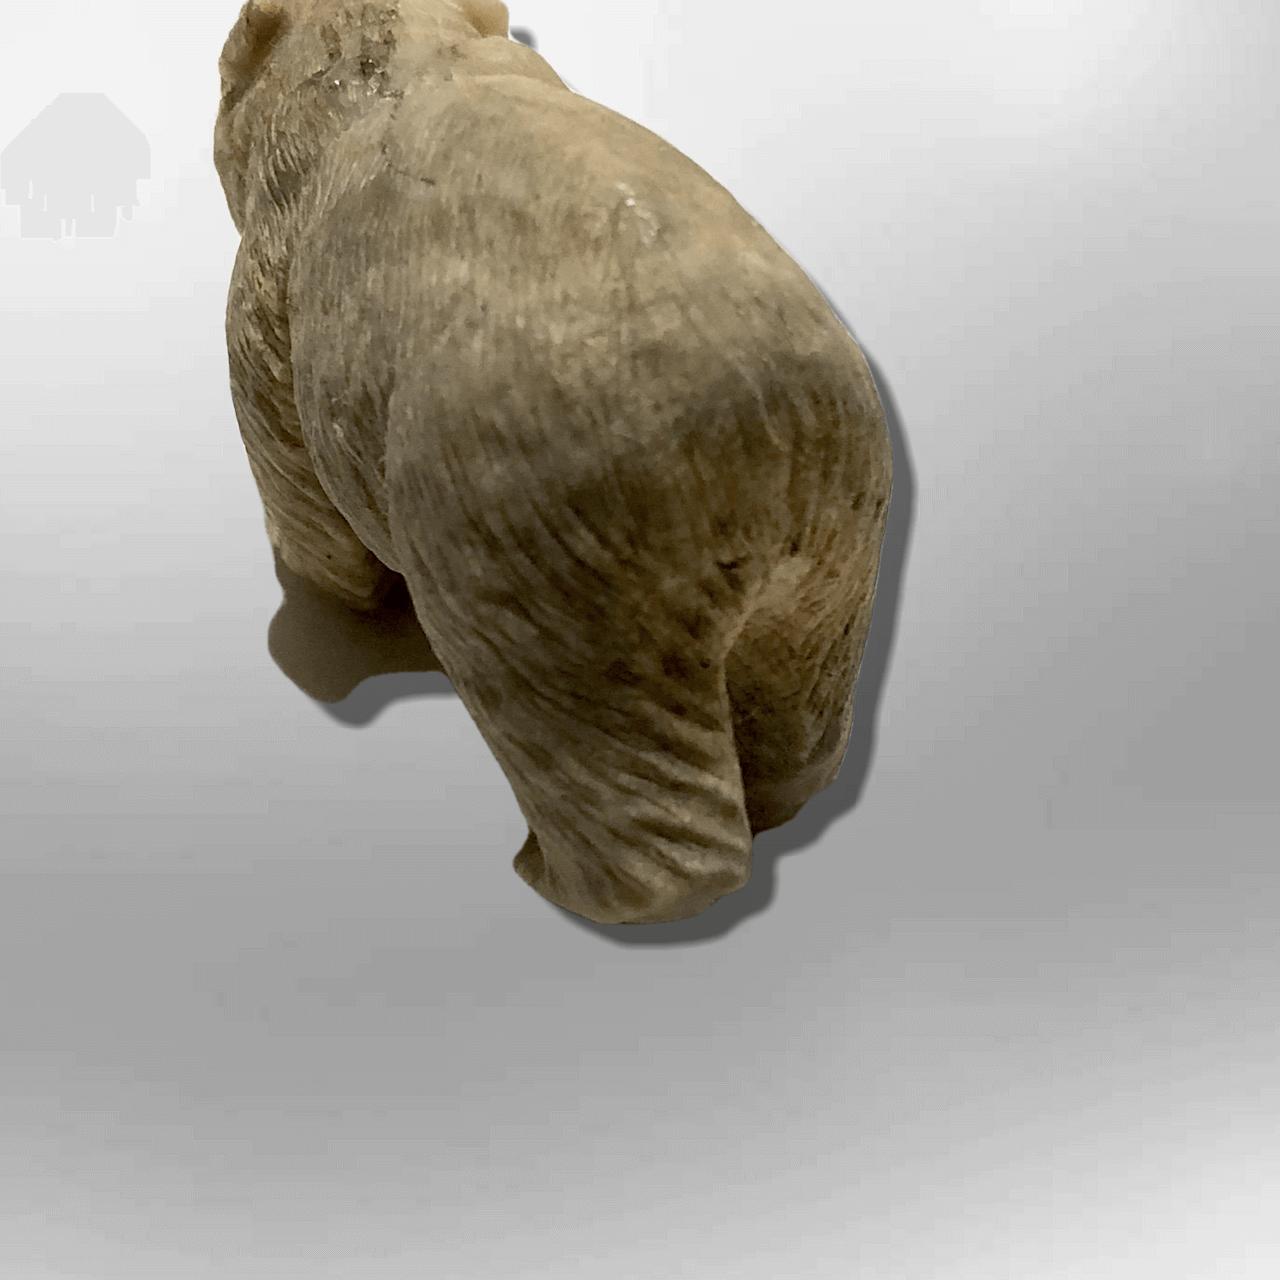 Handmade Bone Carved Full Standing Bear Body No Paint Detailed Table Fetish